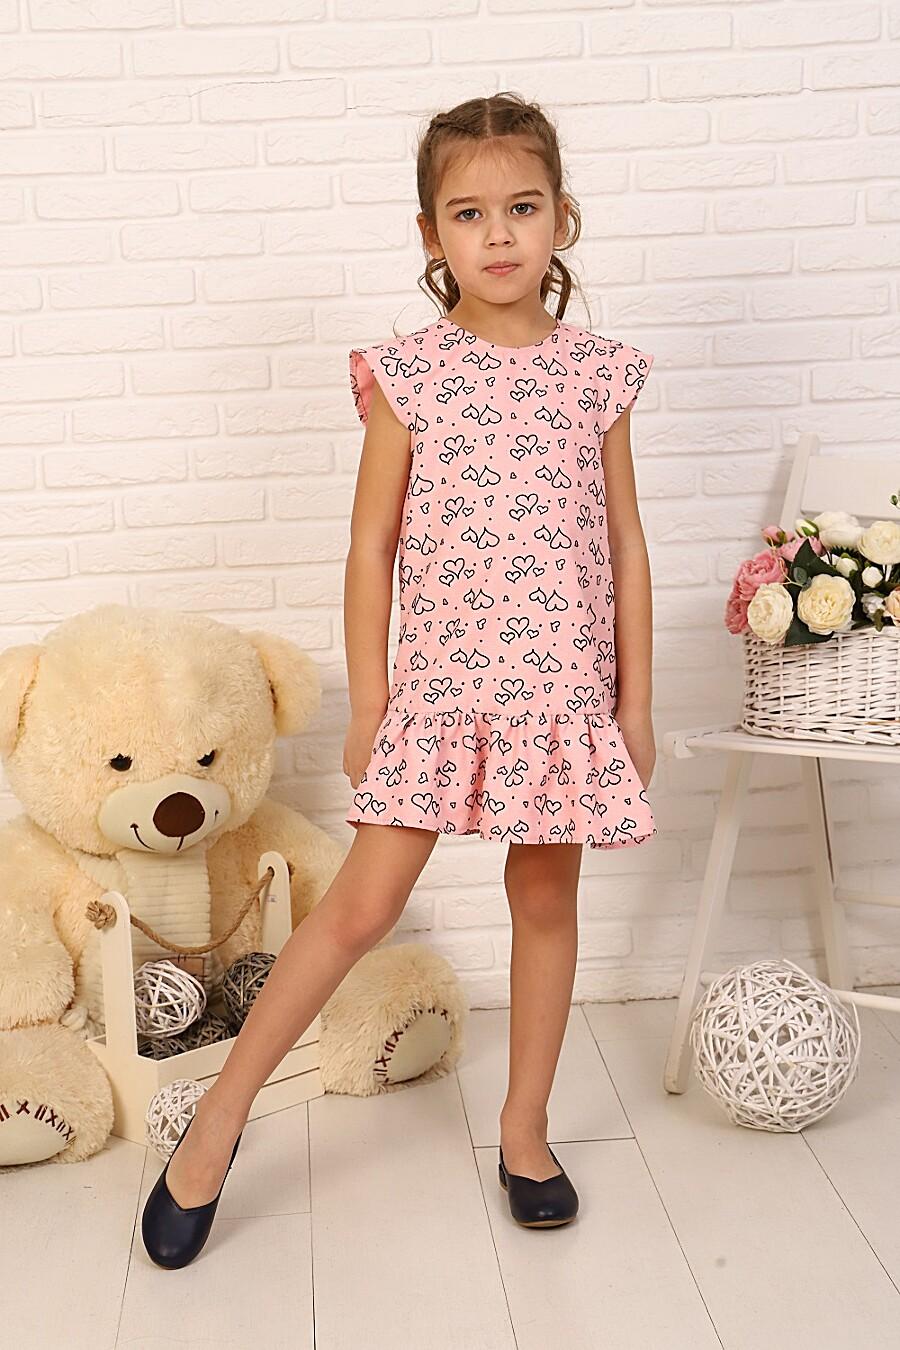 Сарафан Сердечки Егоза детский для девочек НАТАЛИ 334779 купить оптом от производителя. Совместная покупка детской одежды в OptMoyo